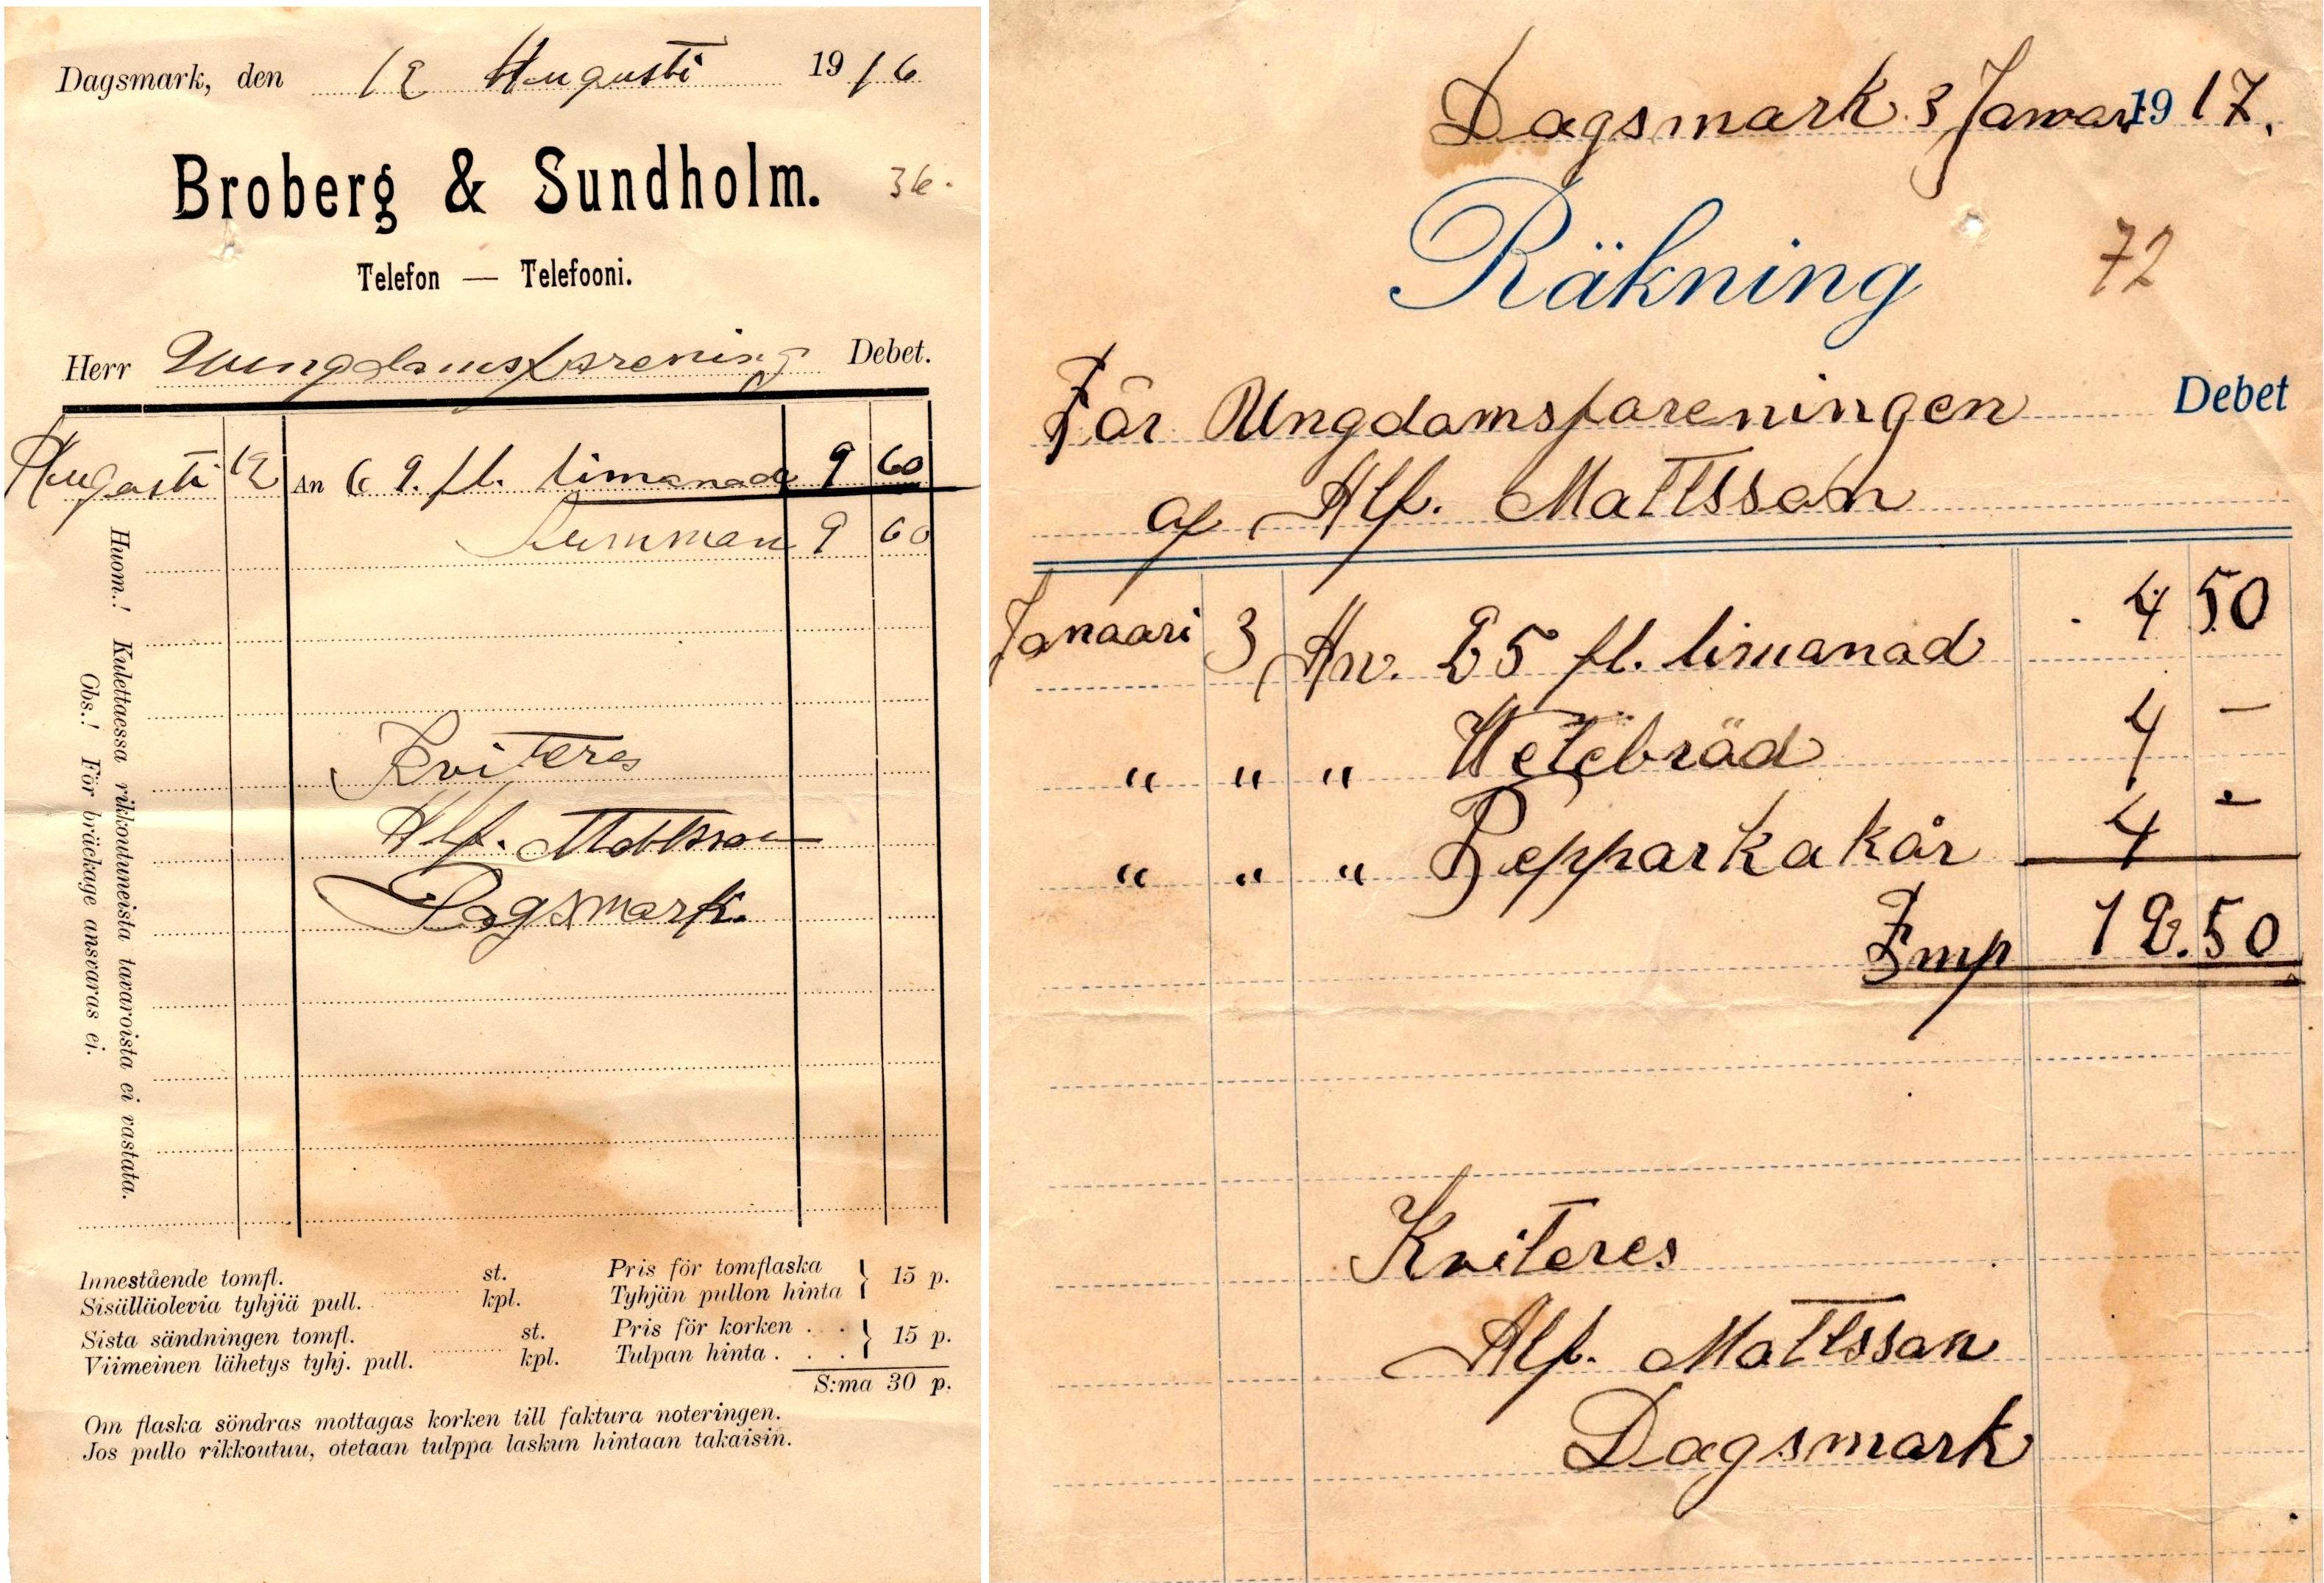 På kvittot till vänster så ser vi att Alfred Mattsson använde Broberg & Sundholms kvitton då han hade sålt limonad åt Ungdomsföreningen i augusti 1916 och det är kvitterat av Alfred själv. På kvittot till höger från 1917 så är det Alfred Mattsson som har sålt limonad, vetebröd och pepparkakår åt Ungdomsföreningen.